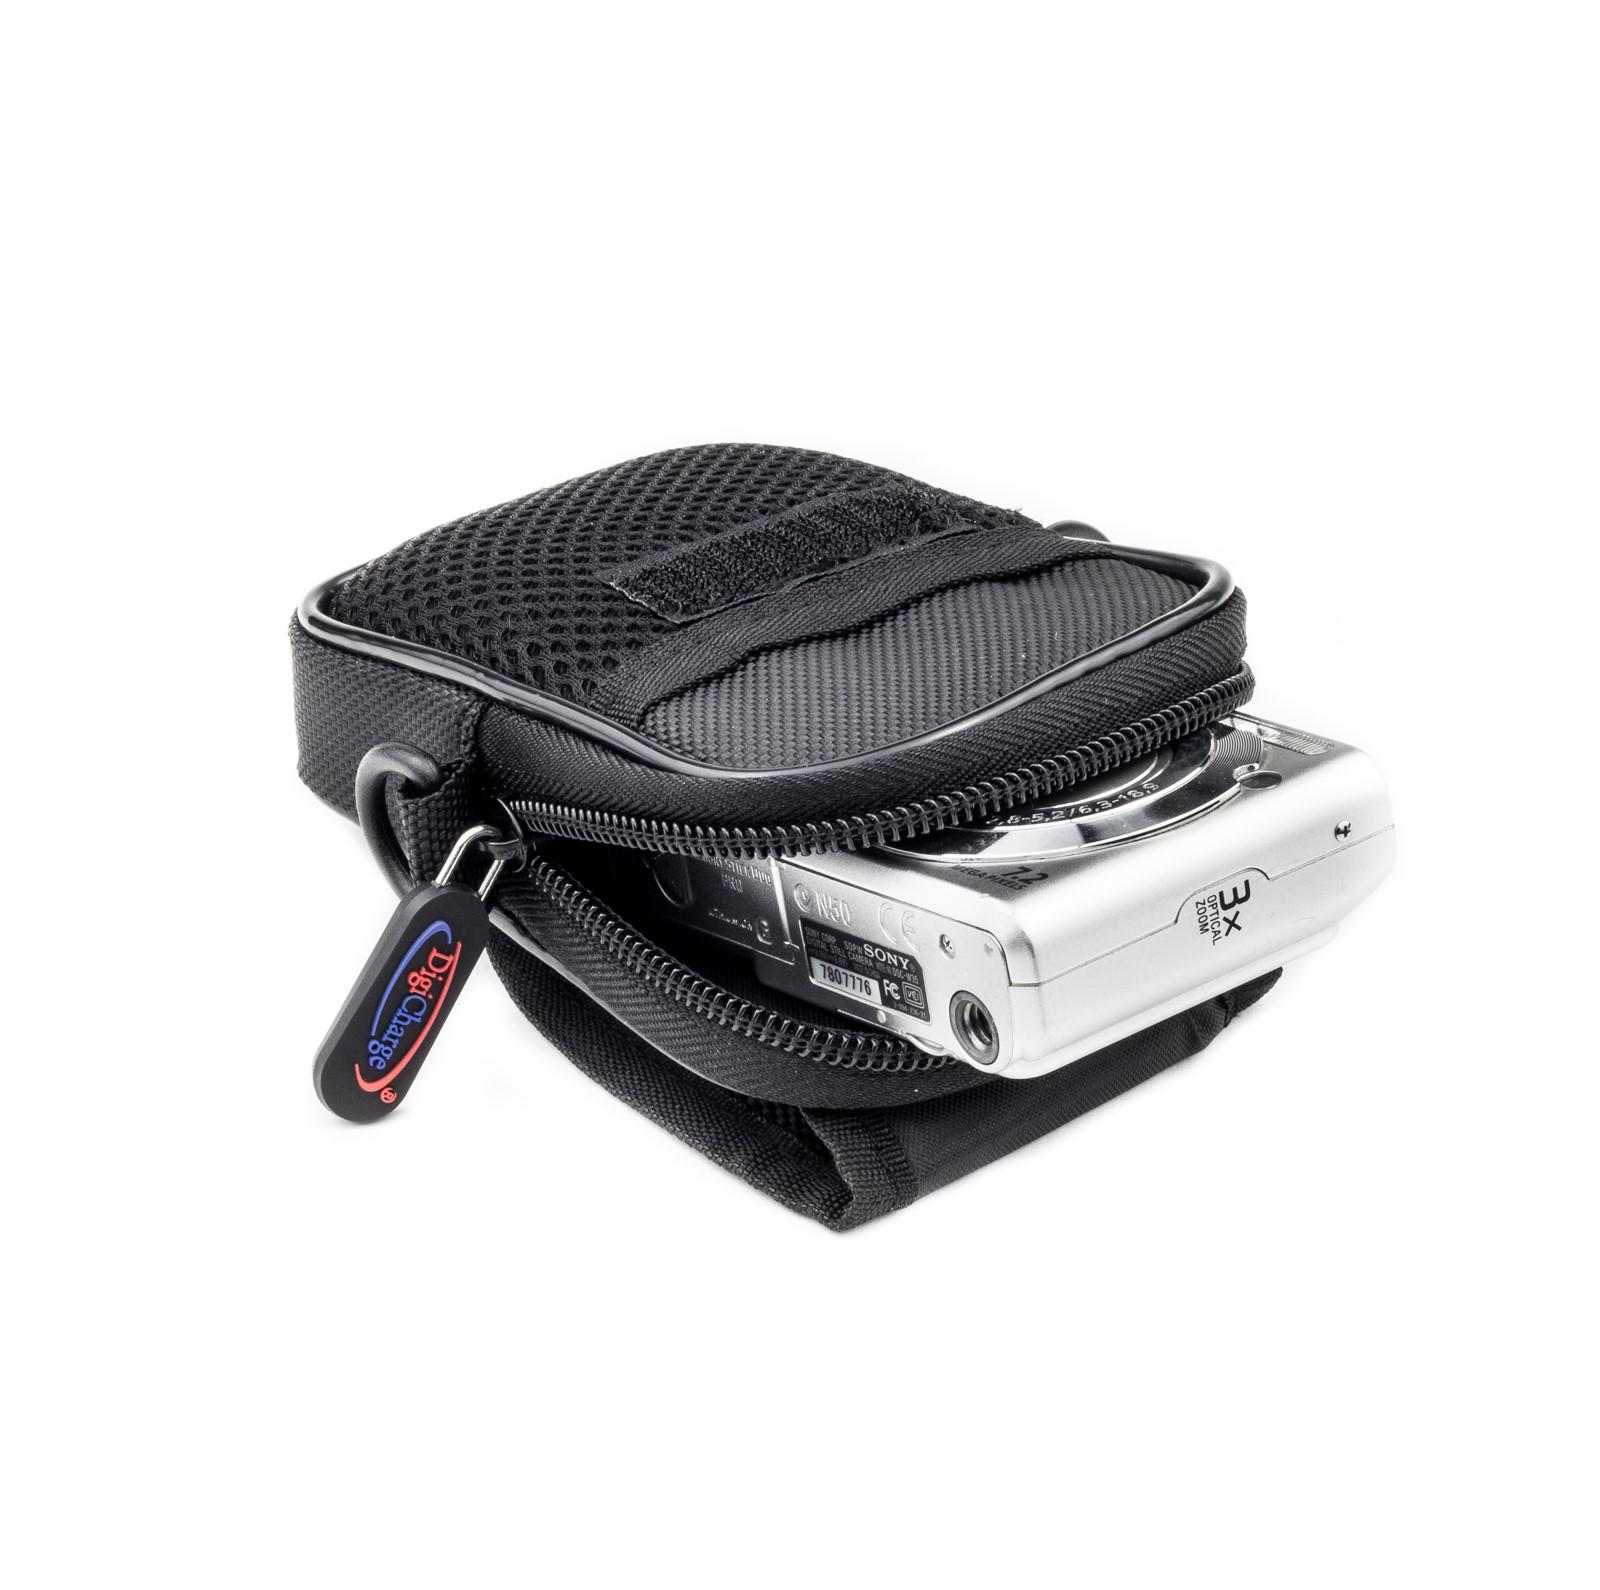 Nikon DK-5 Visor Cubierta-Genuino Nikon accesorio libre UK FRANQUEO